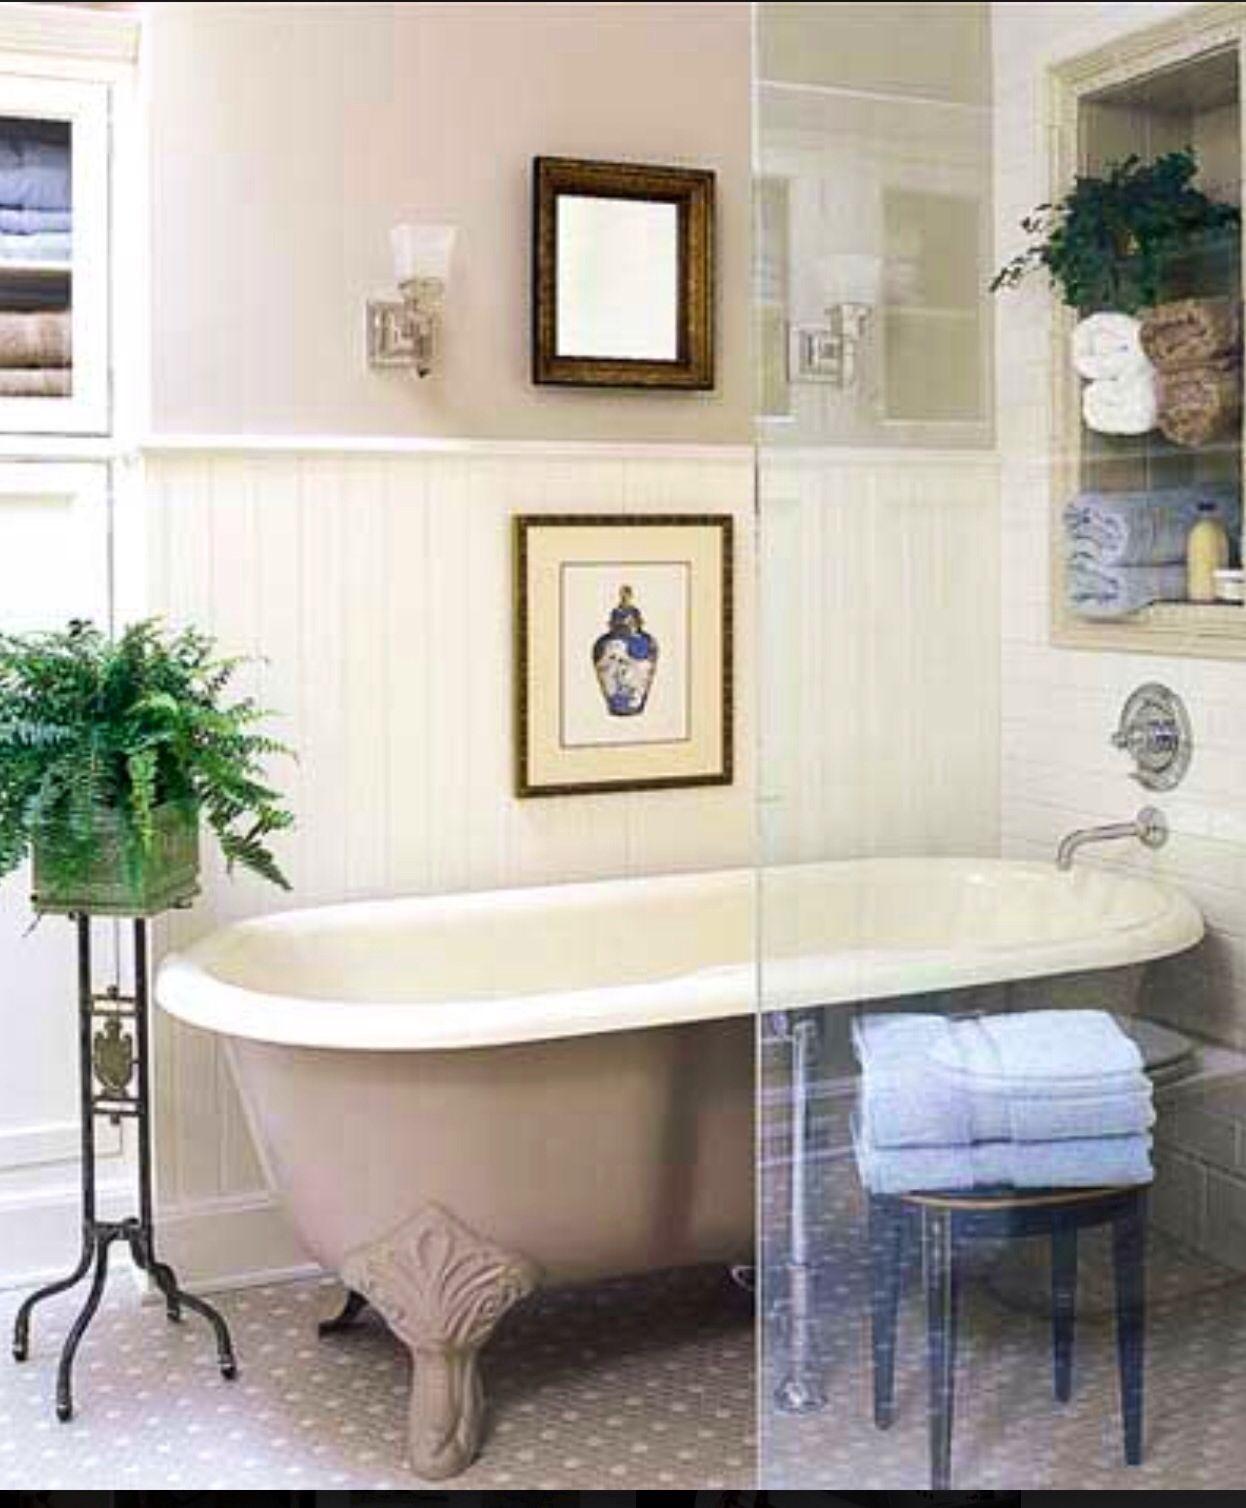 Vintage bathroom interior vintage tub  cottageshabbyvintage  pinterest  vintage tub